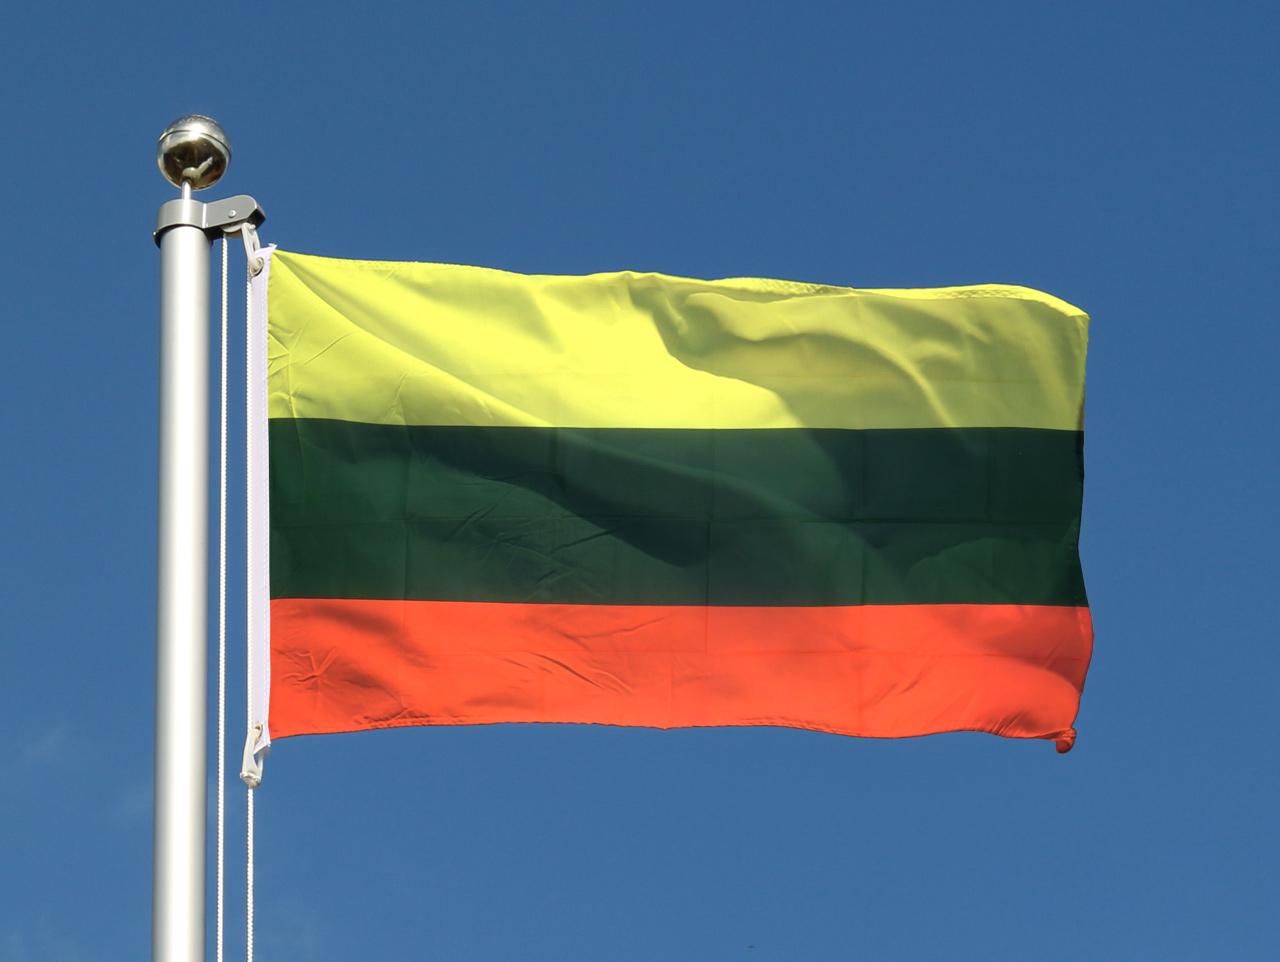 Drapeau pas cher lituanie 60 x 90 cm monsieur des drapeaux for Drapeau publicitaire exterieur pas cher